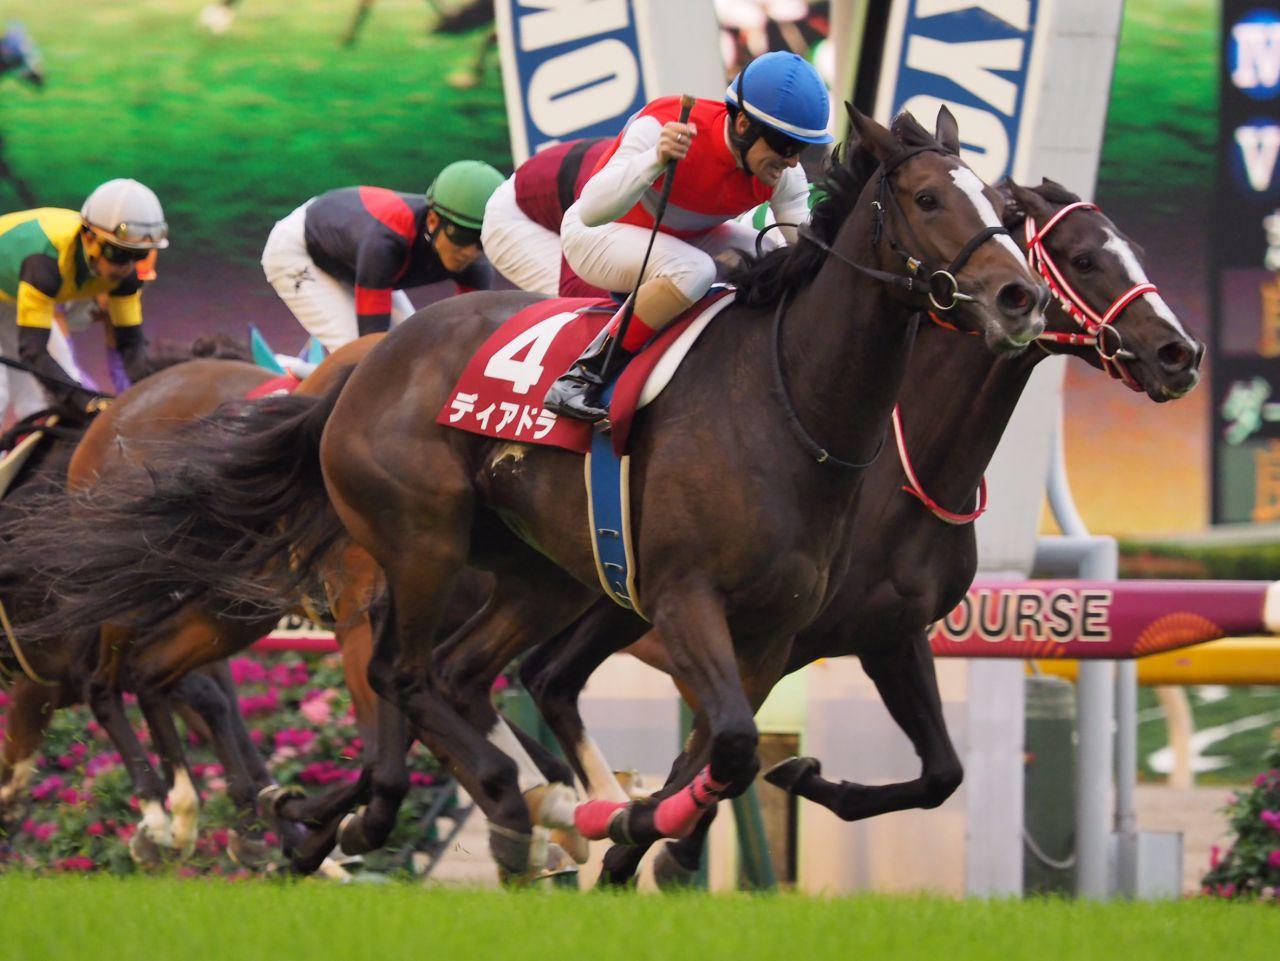 2019香港チャンピオンズデーに出走予定のディアドラ号が香港に到着